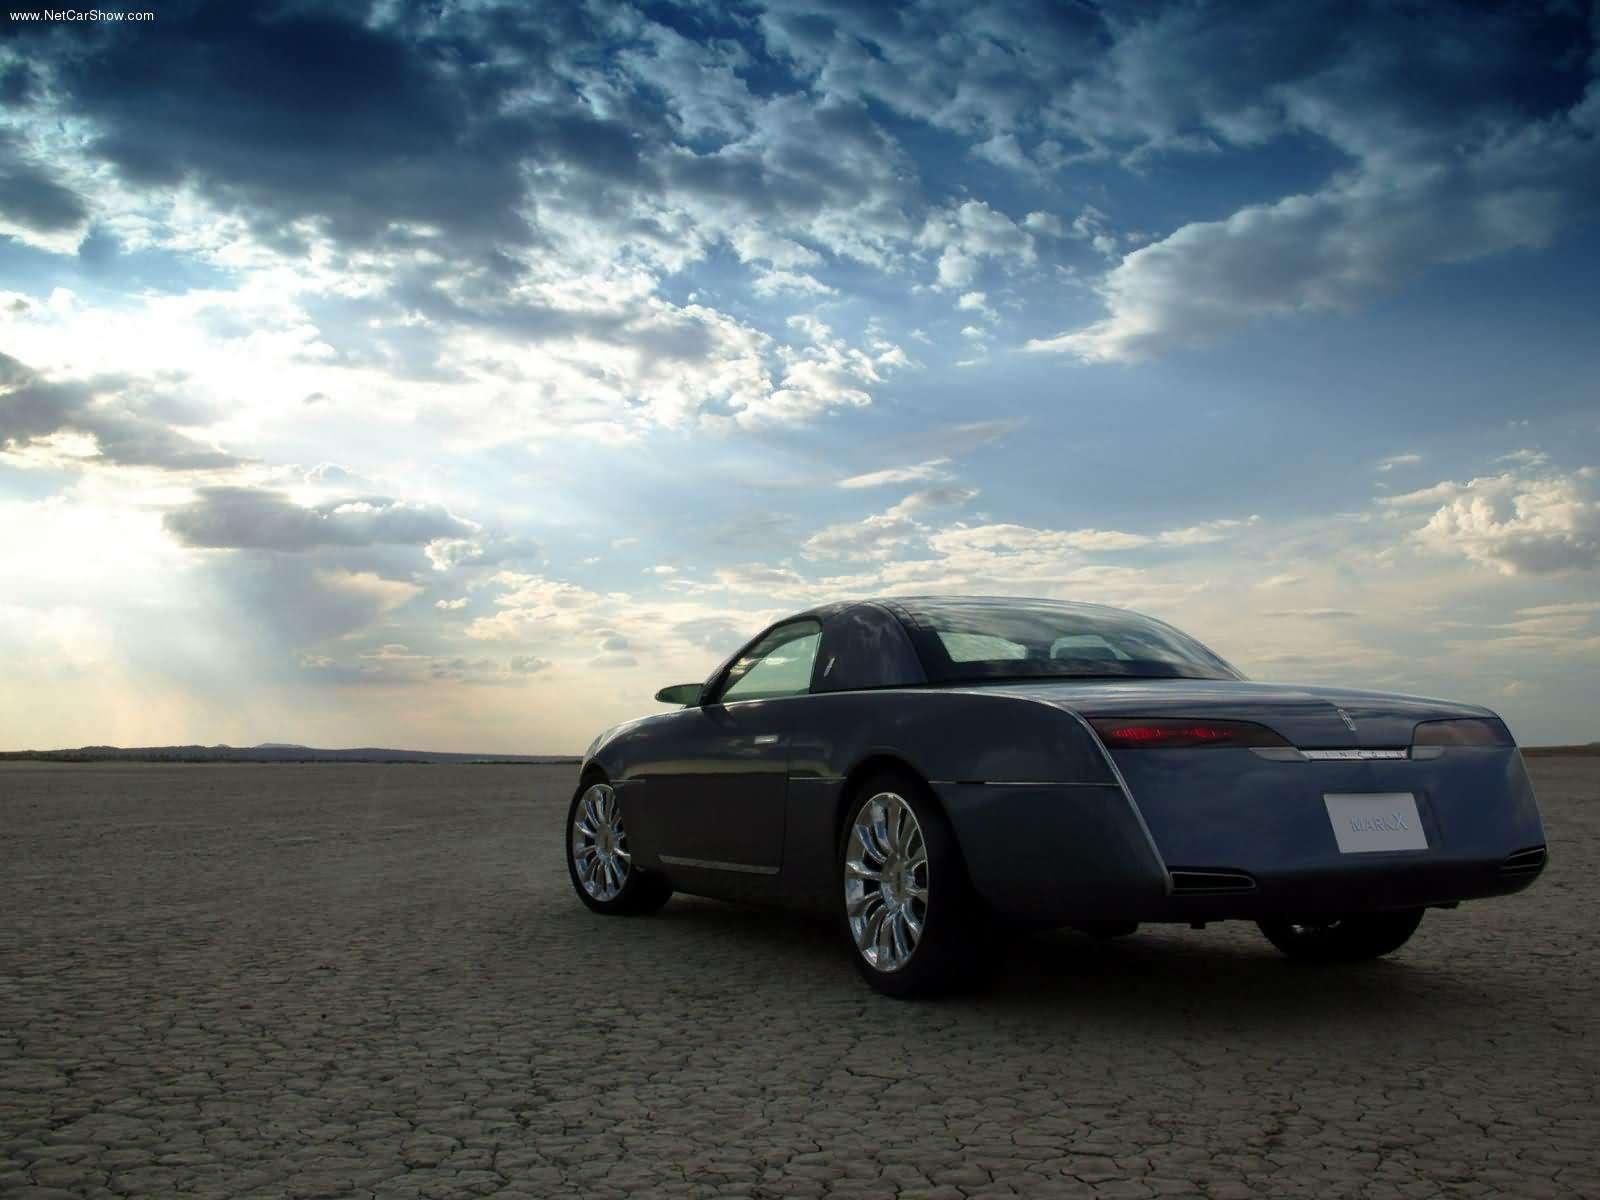 Hình ảnh xe ô tô Lincoln Mark X Concept 2004 & nội ngoại thất